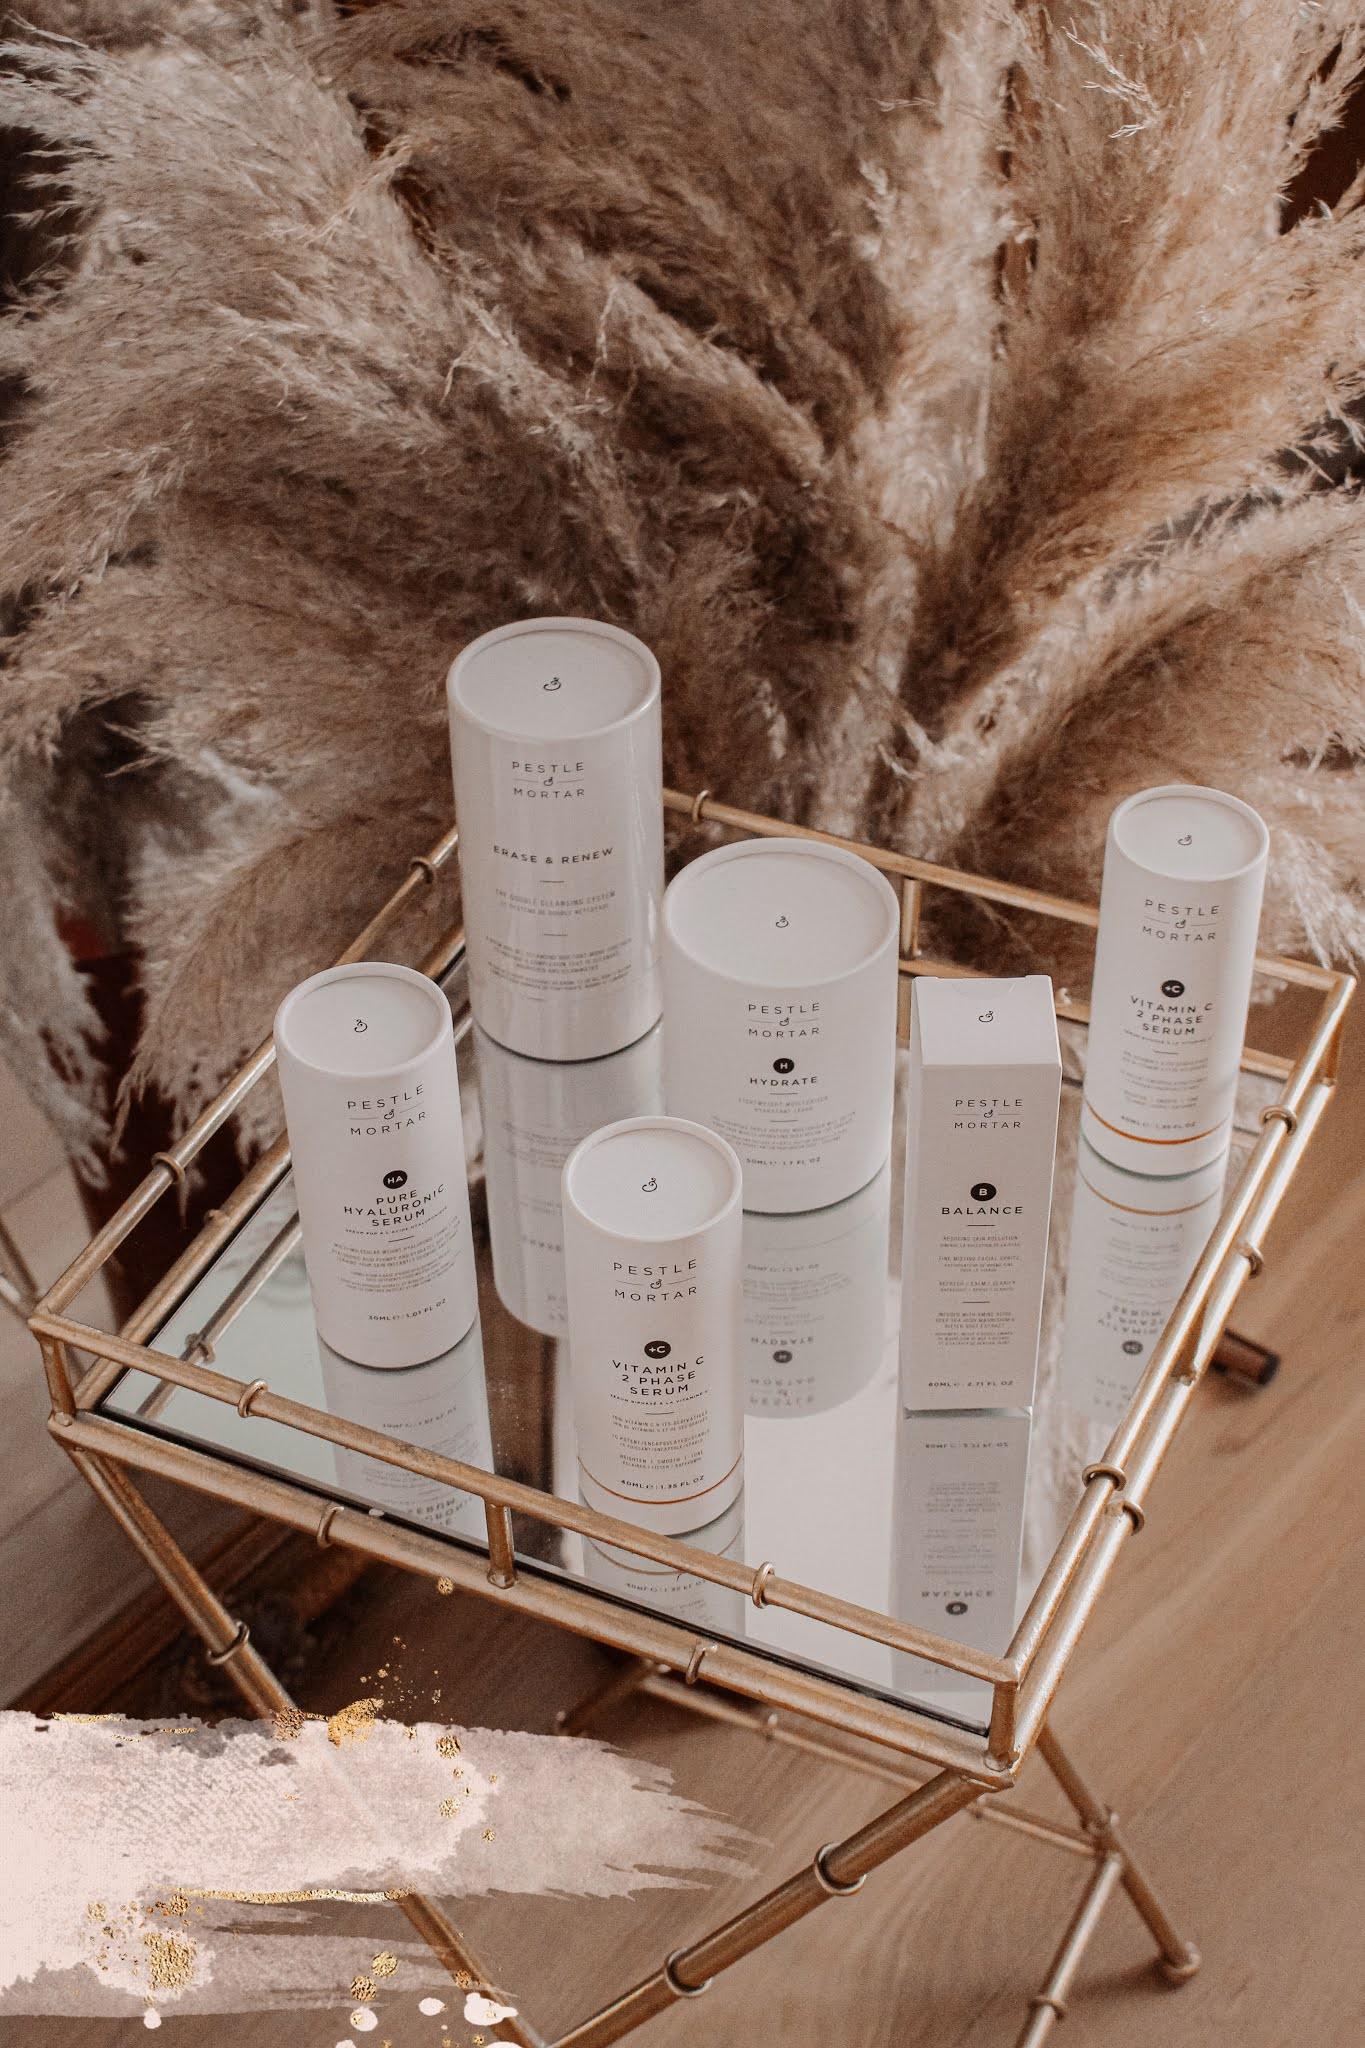 Pestle & Mortar skincare essentials blog review